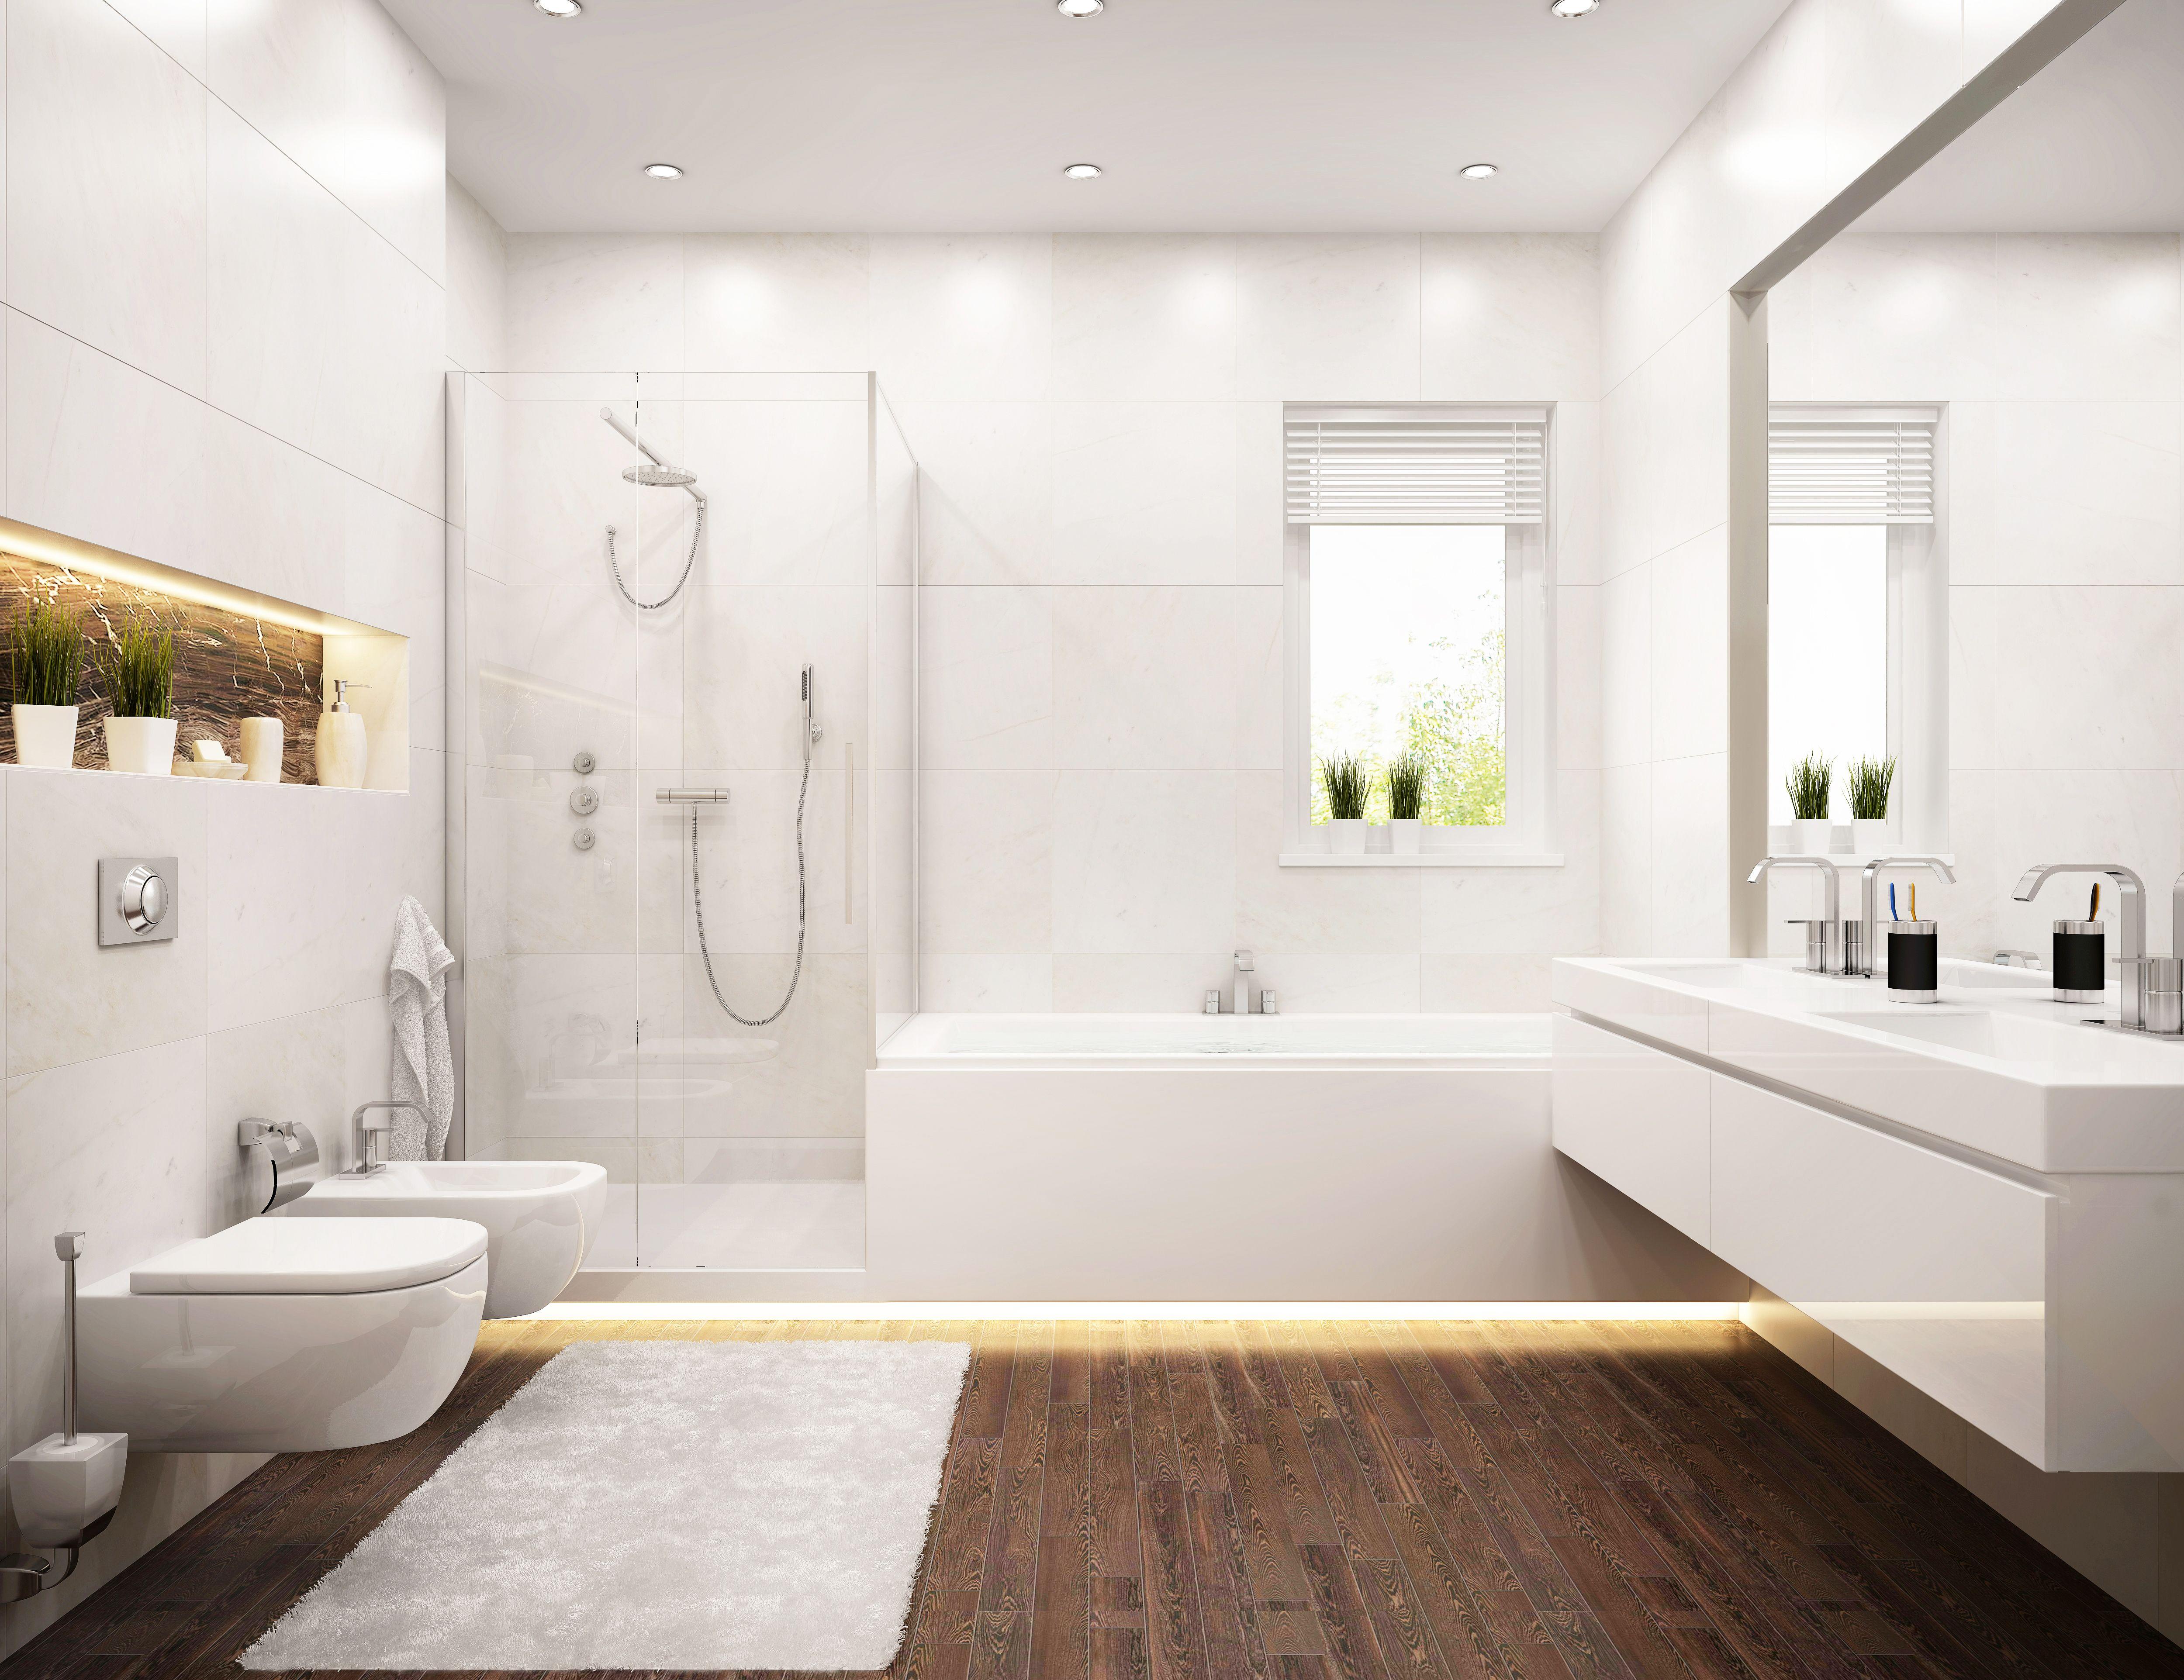 Wer Die Kosten Nicht Scheut Kann Im Zuge Einer Badsanierung Lang Gehegte Modernisierungswunsche Realisieren In 2020 Badezimmer Planen Bad Einrichten Badezimmer